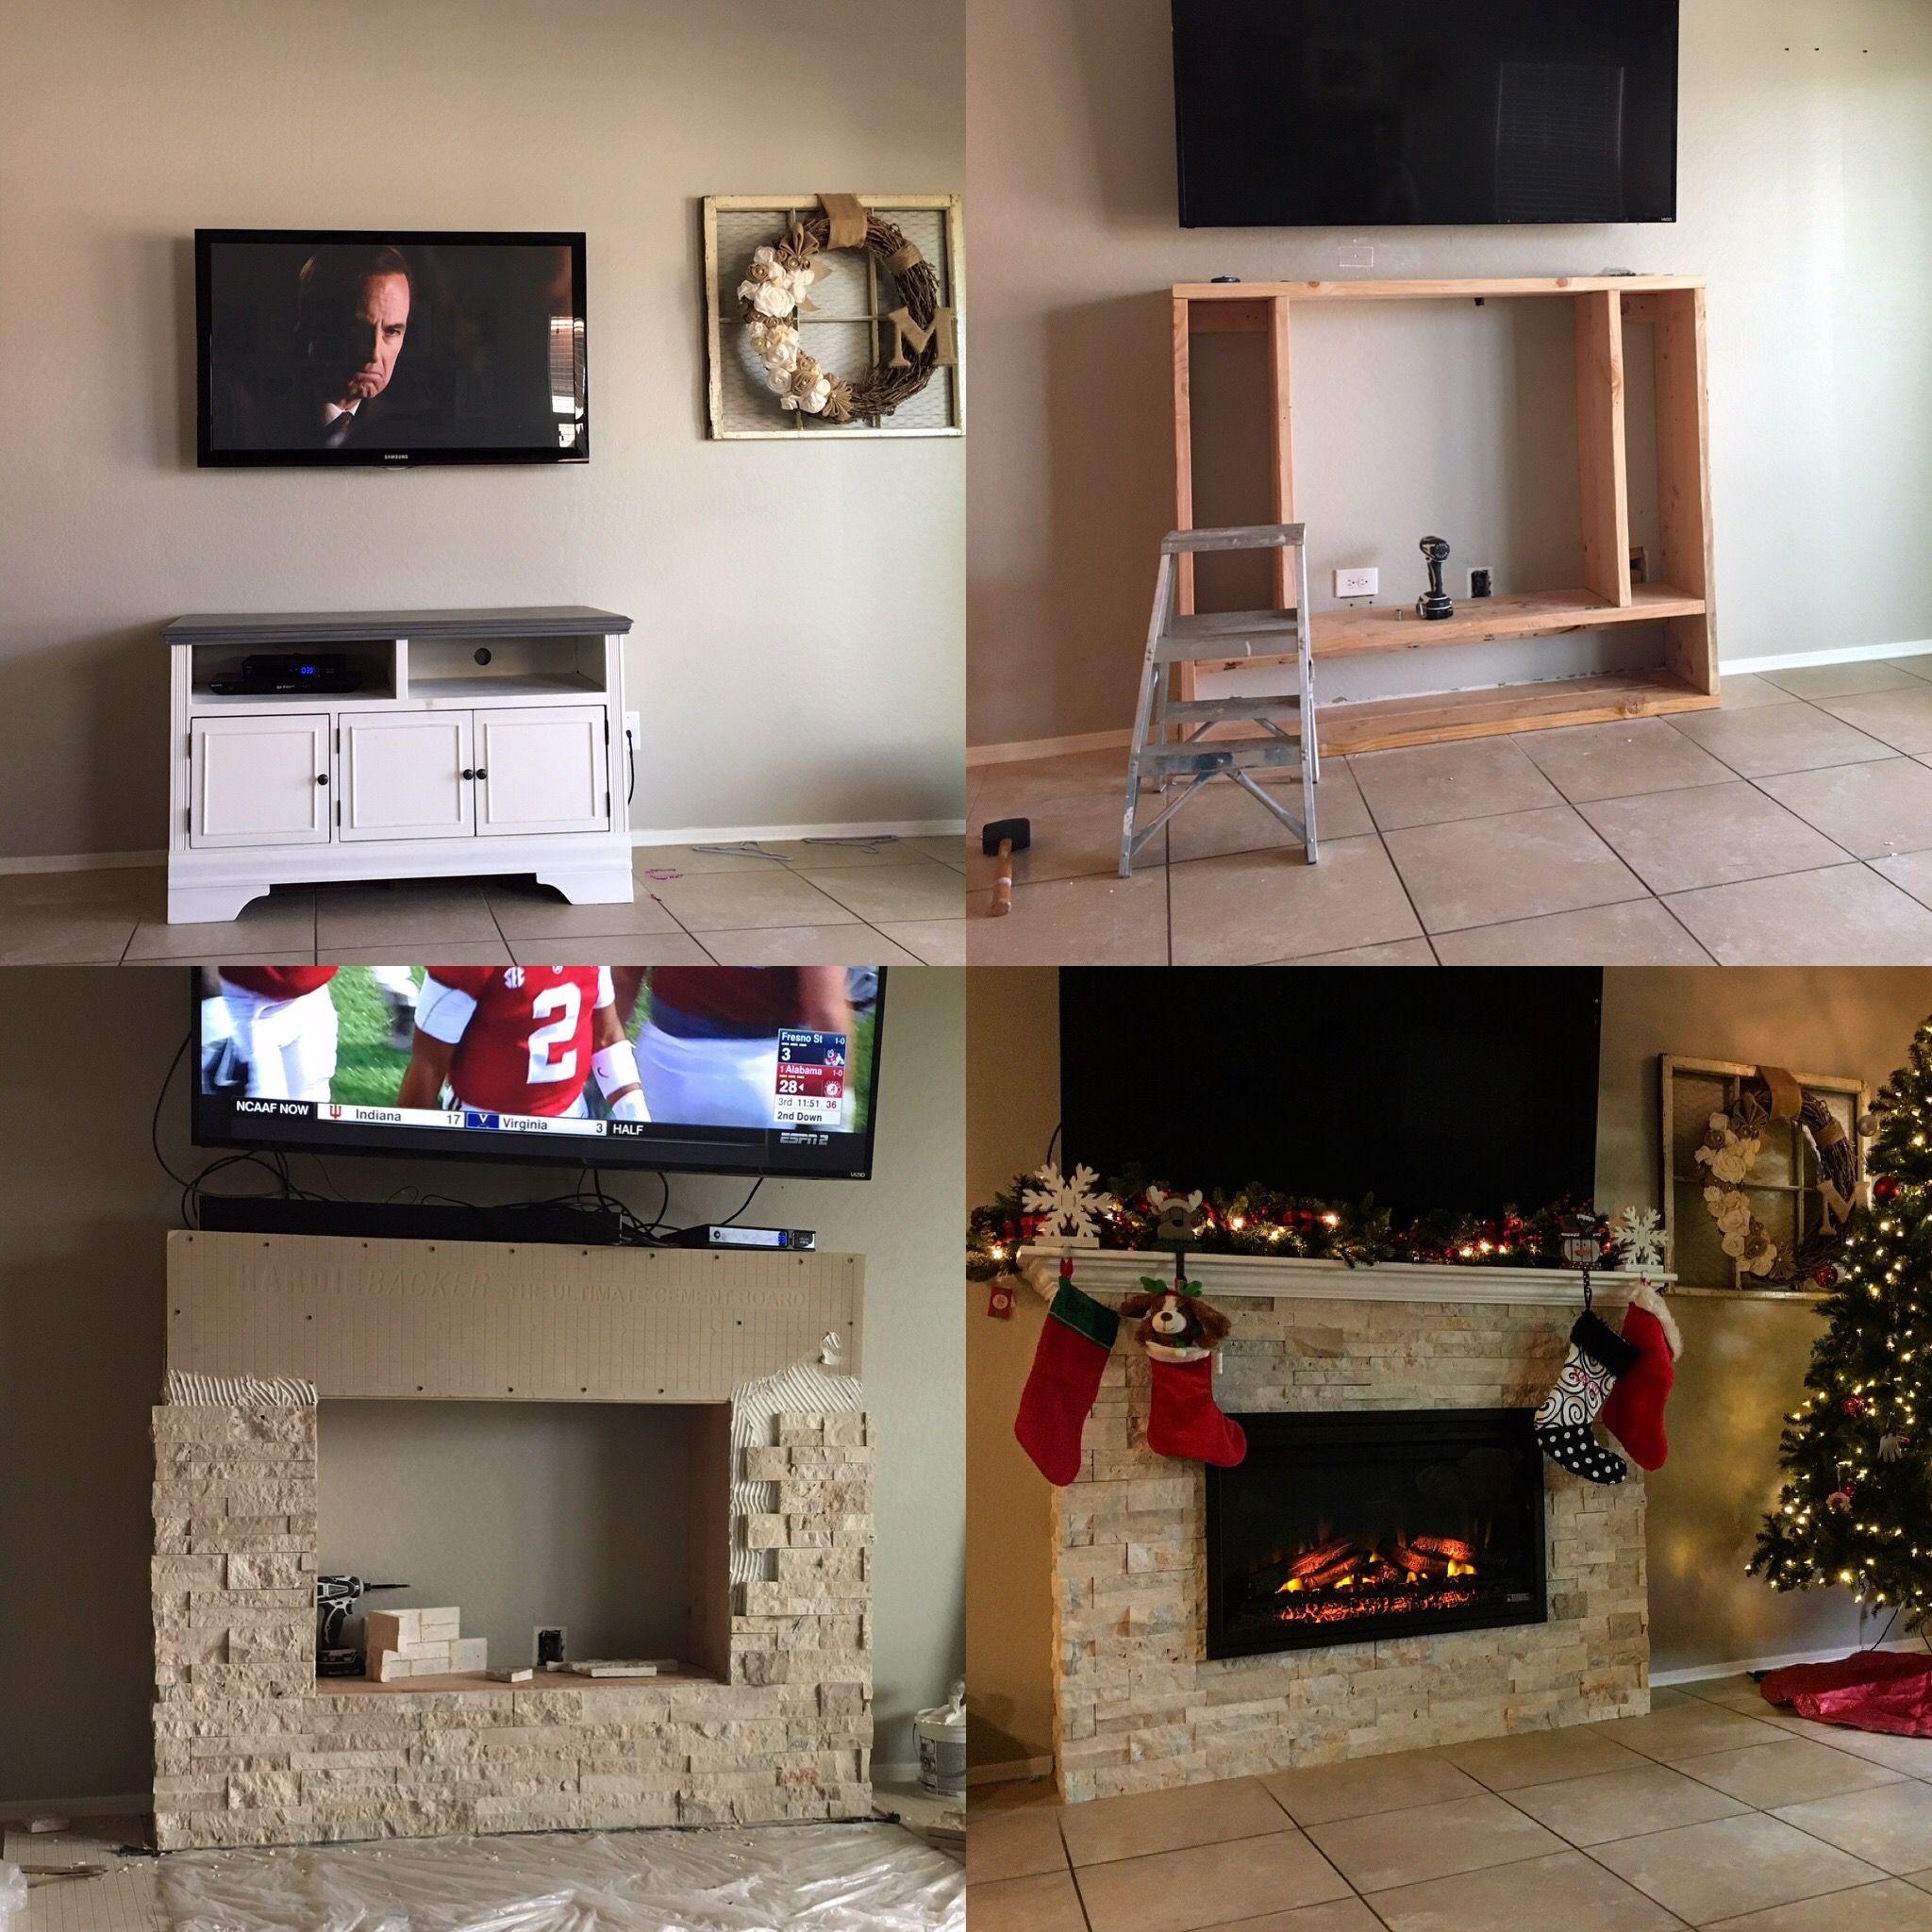 Diy Electric Fireplace Diy Fireplace Build A Fireplace Indoor Fireplace